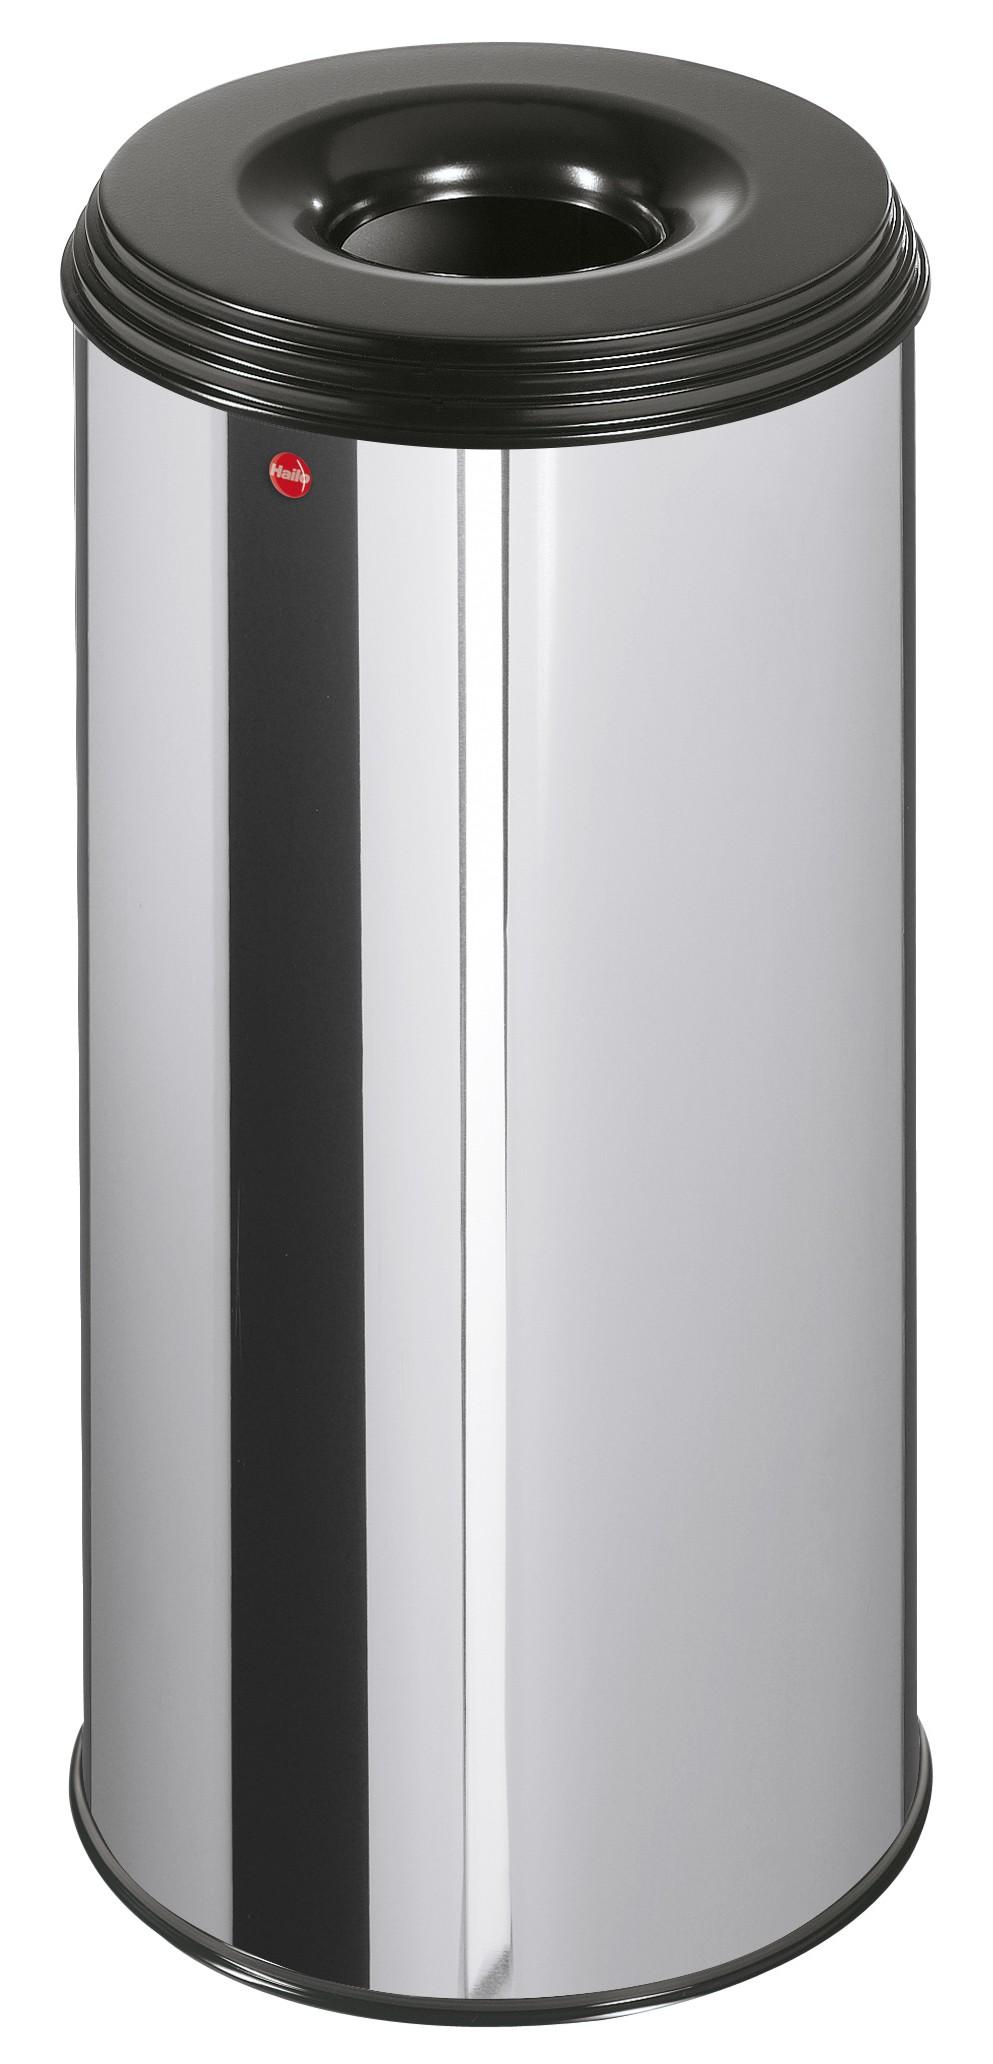 Hailo ProfiLine Safe XL, 45 Liter, Edelstahl, Flammenlöschender Papierkorb